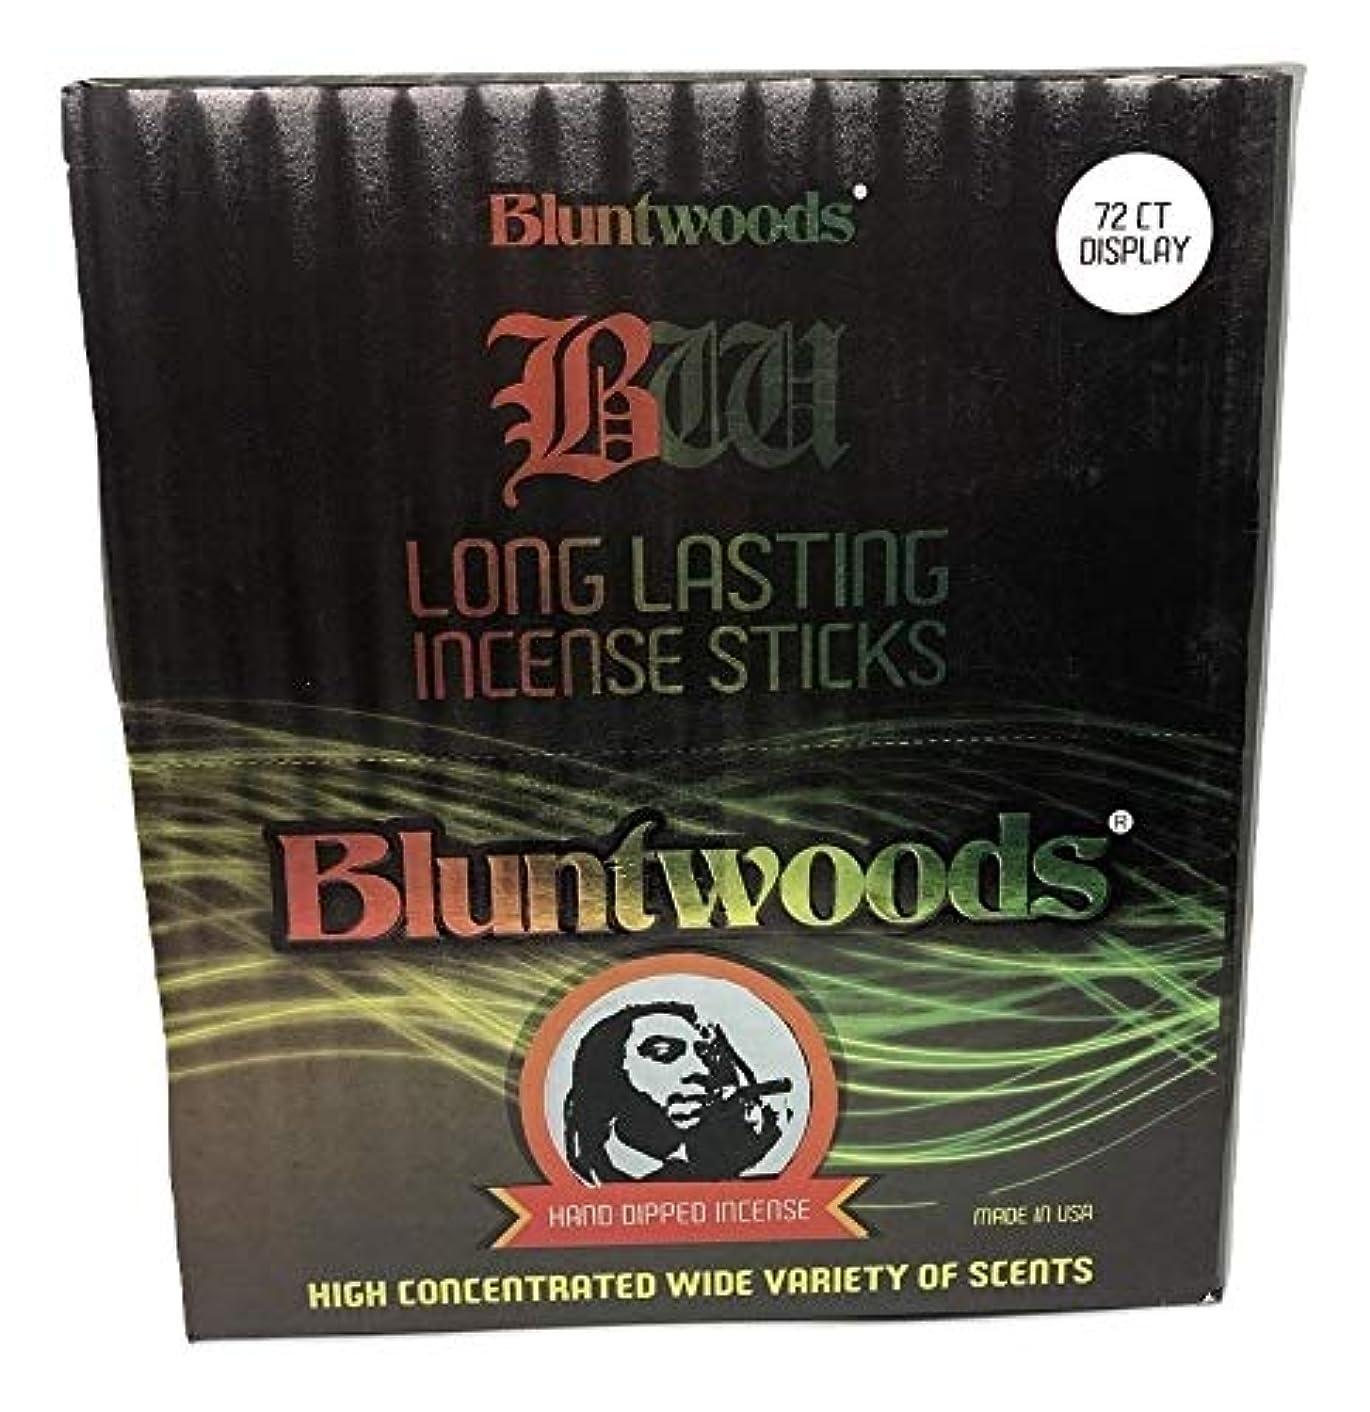 降臨試すマークダウンBLUNTWOODS Blunt Woods 手染め お香ディスプレイ (72カウントアスト) 合計864 お香スティック